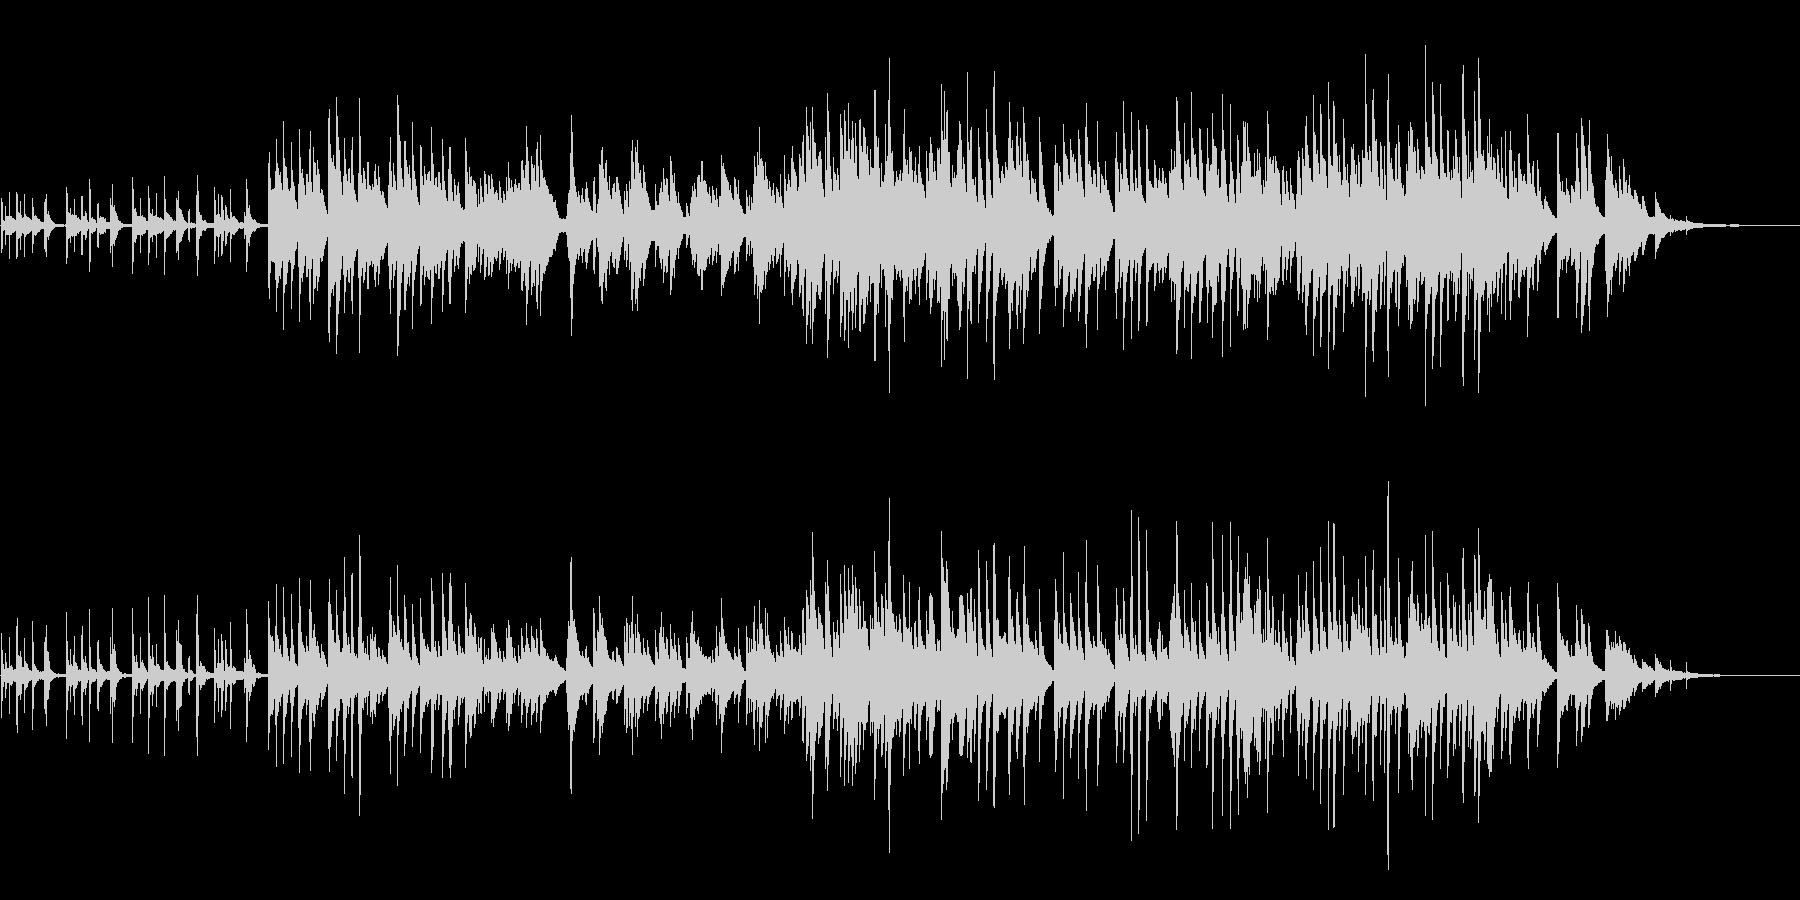 ピアノが歌うバラードの未再生の波形